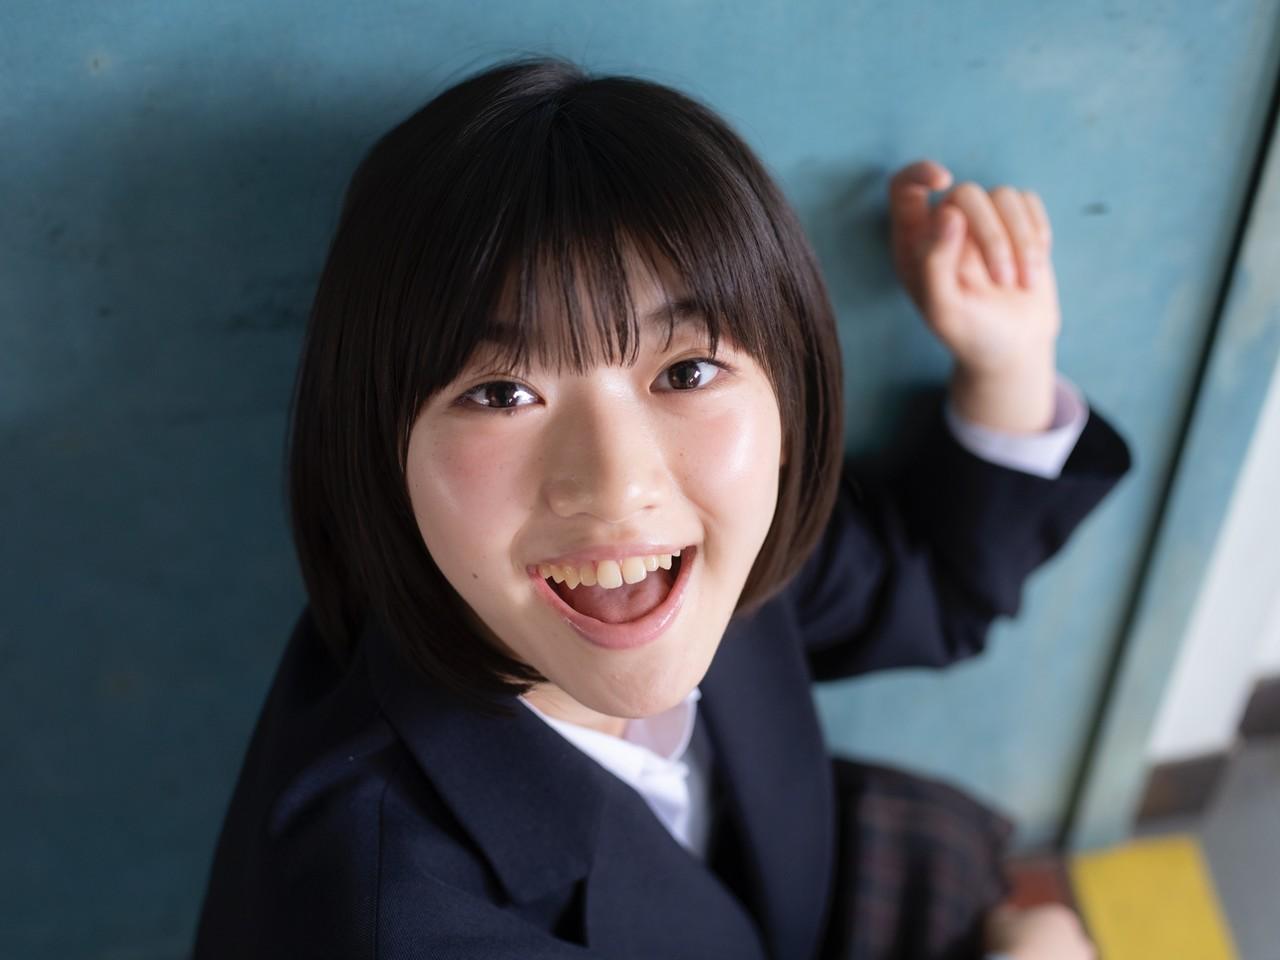 【いもシス】沢村りさ Part7 【期待の星】 YouTube動画>1本 ->画像>366枚